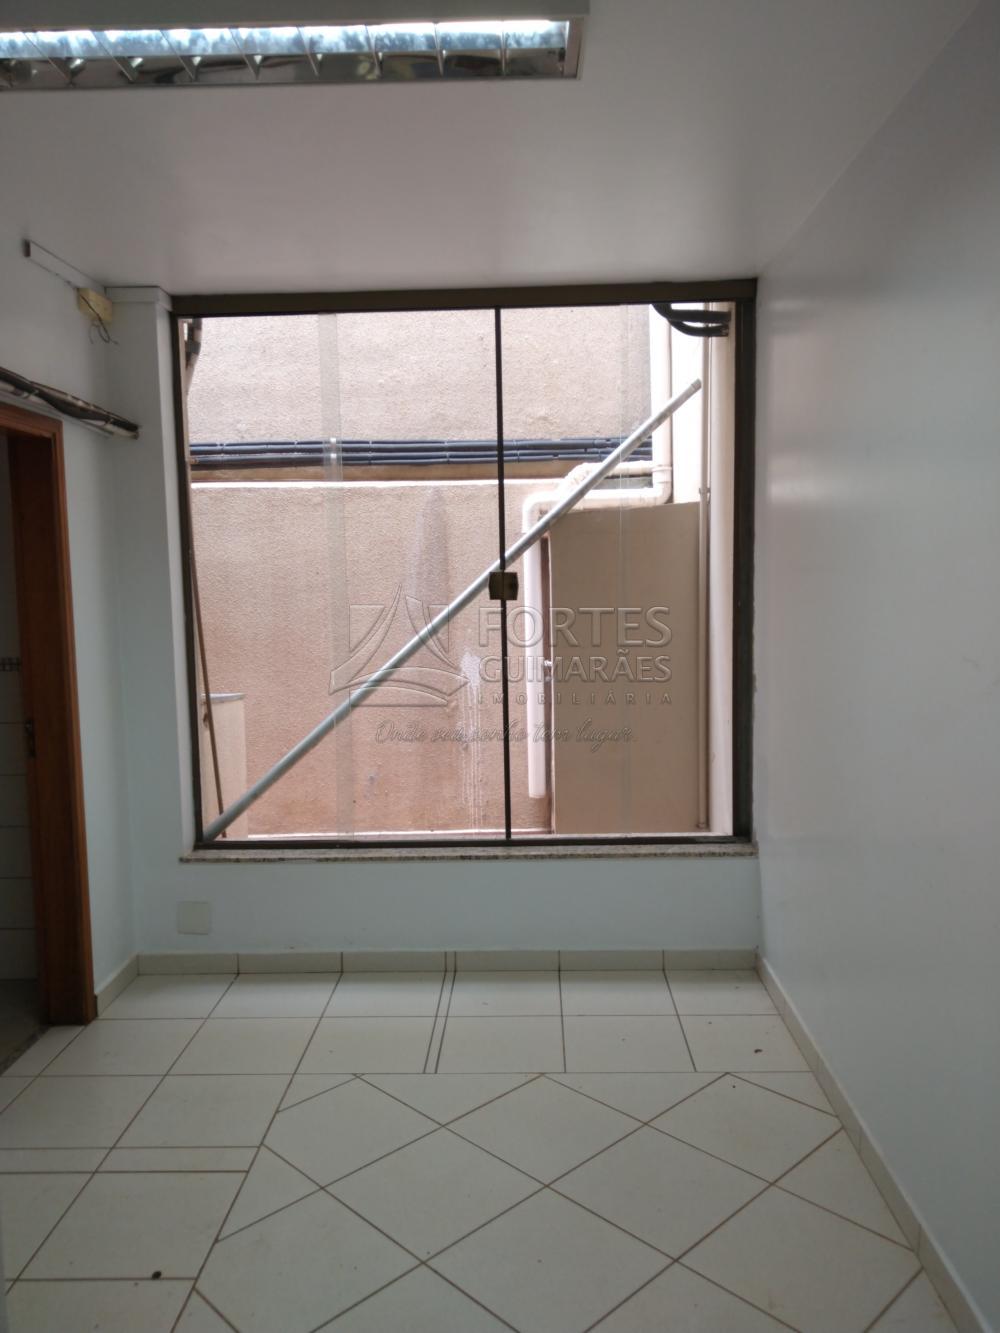 Alugar Comercial / Imóvel Comercial em Ribeirão Preto apenas R$ 12.000,00 - Foto 96